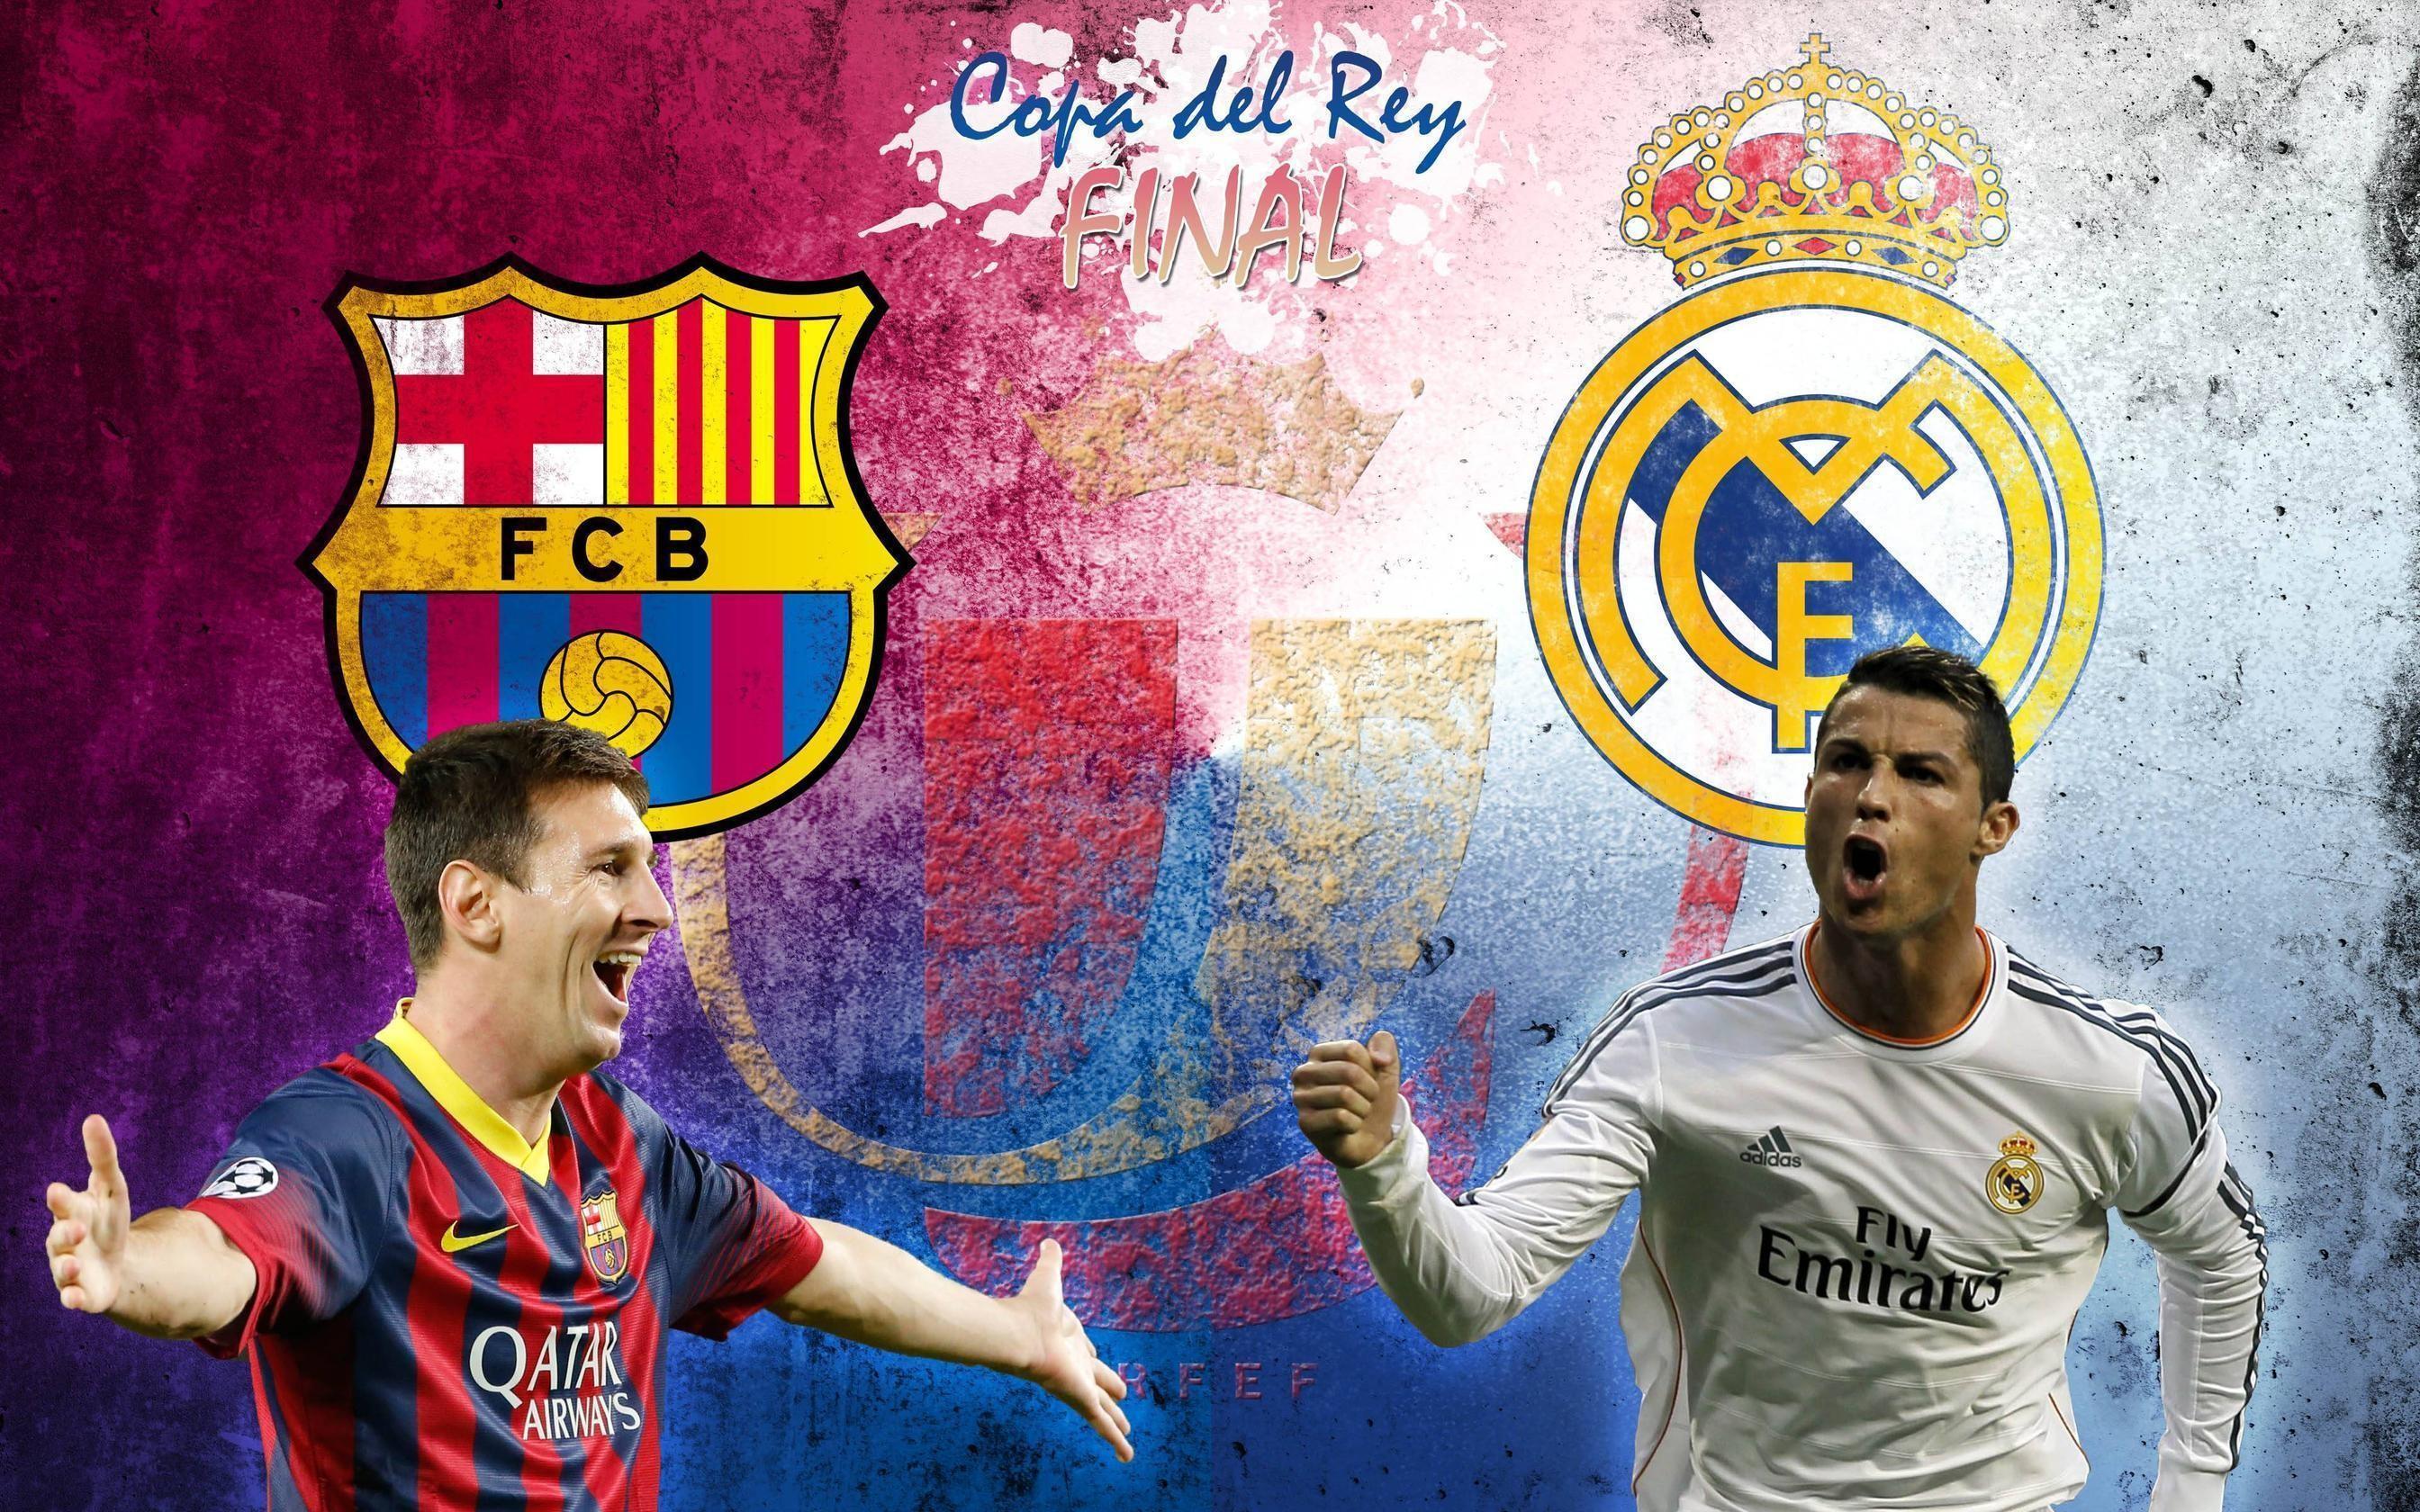 Cristiano Ronaldo Vs Messi Wallpaper 2018 85 Pictures